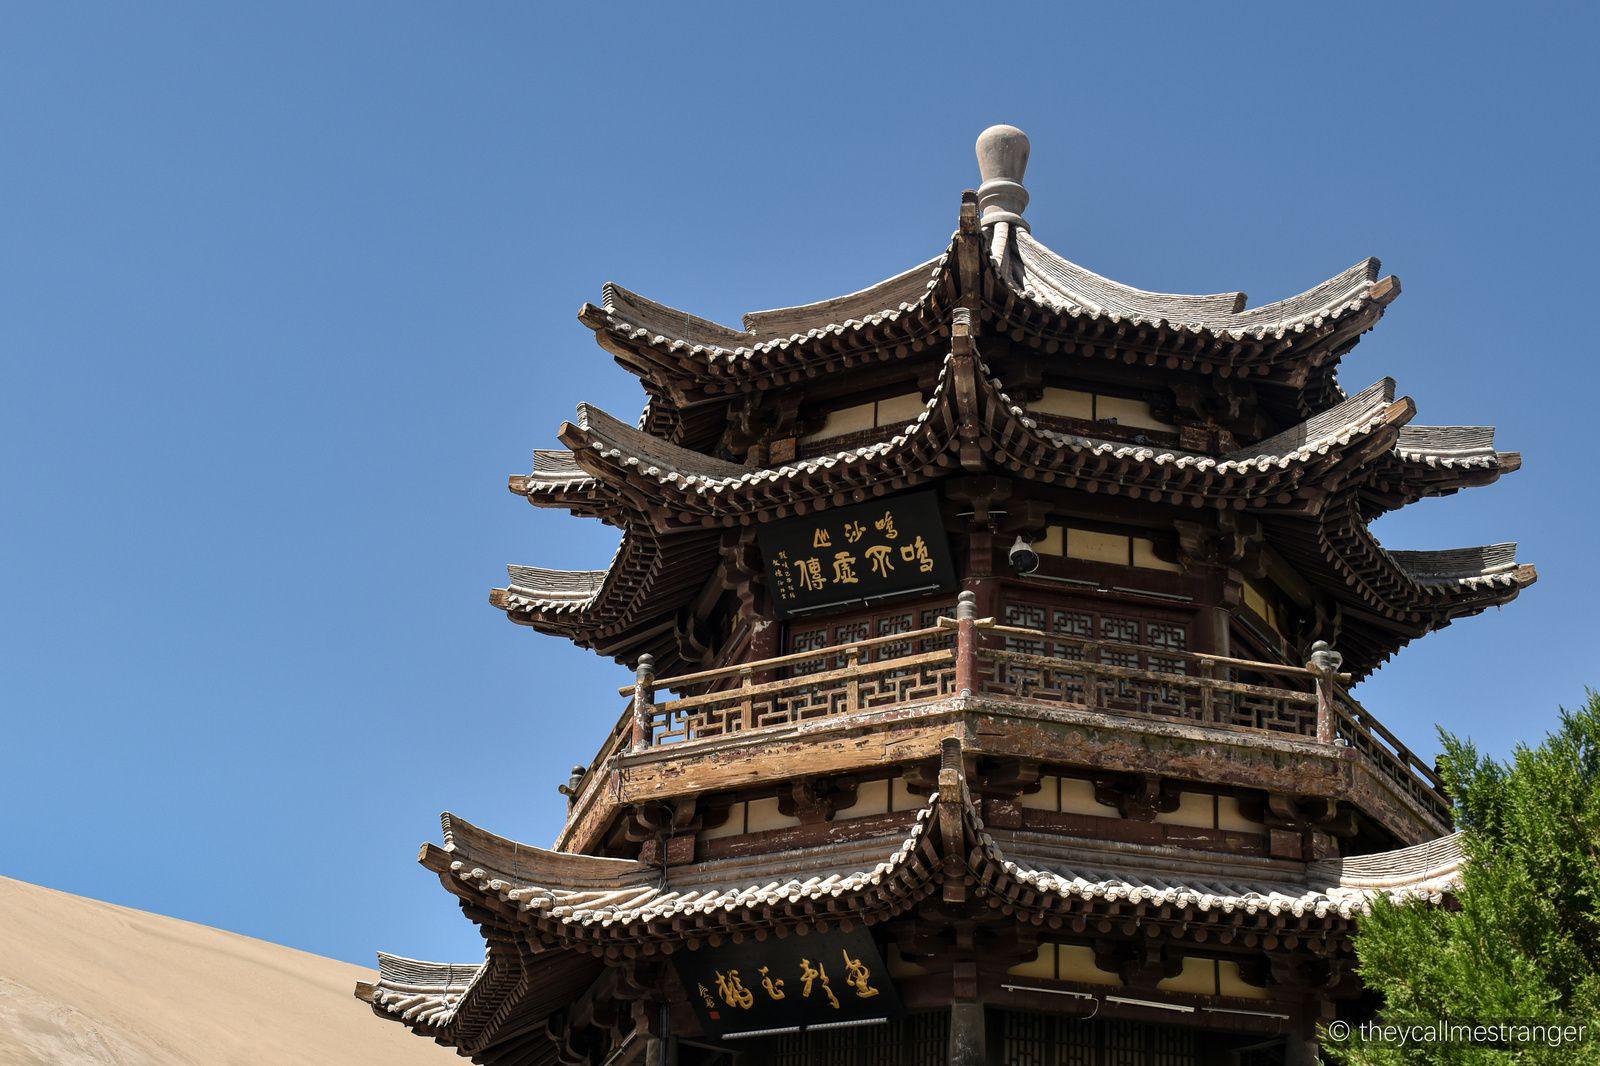 Le désert à Dunhuang (Mingsha Shan 鸣沙山 et Crescent Moon lake 月牙泉)